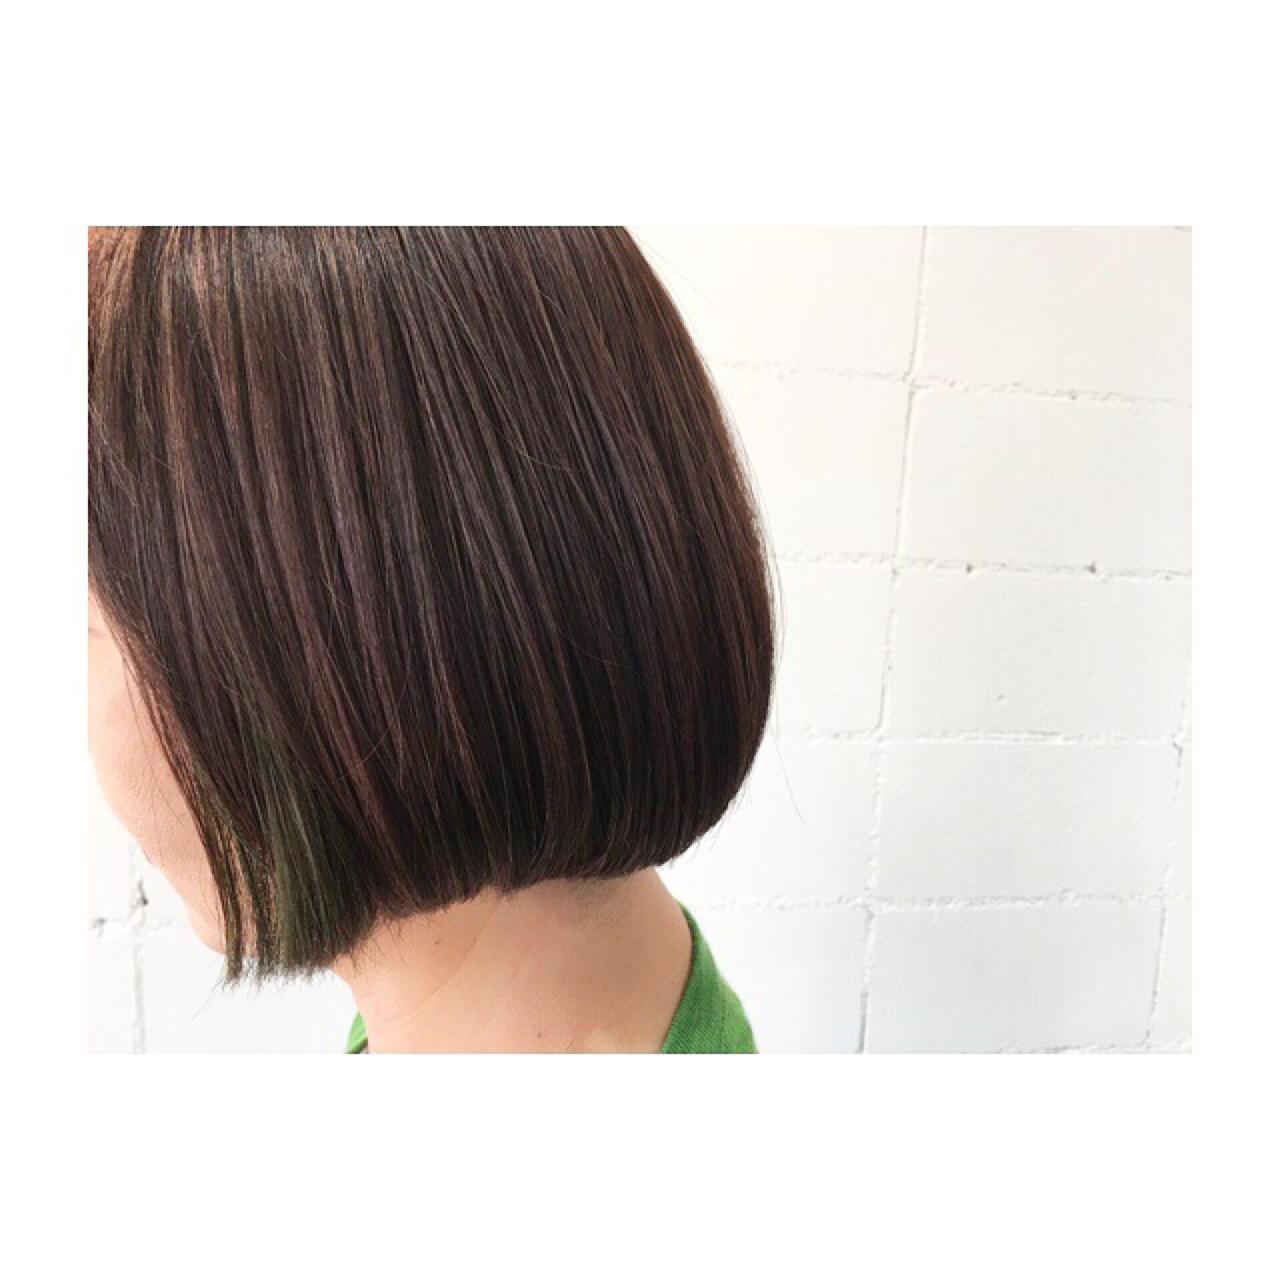 ボブ ナチュラル インナーカラー 大人女子 ヘアスタイルや髪型の写真・画像